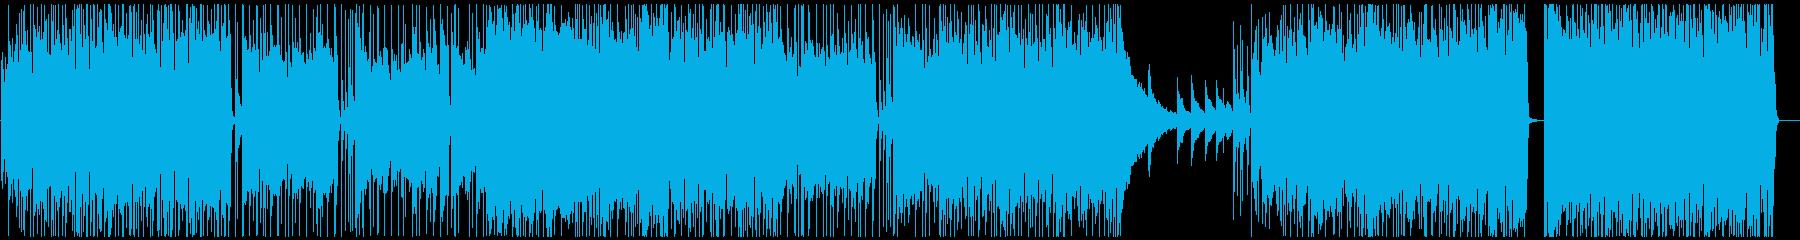 かっこいいギターソロも入ったソフトロックの再生済みの波形